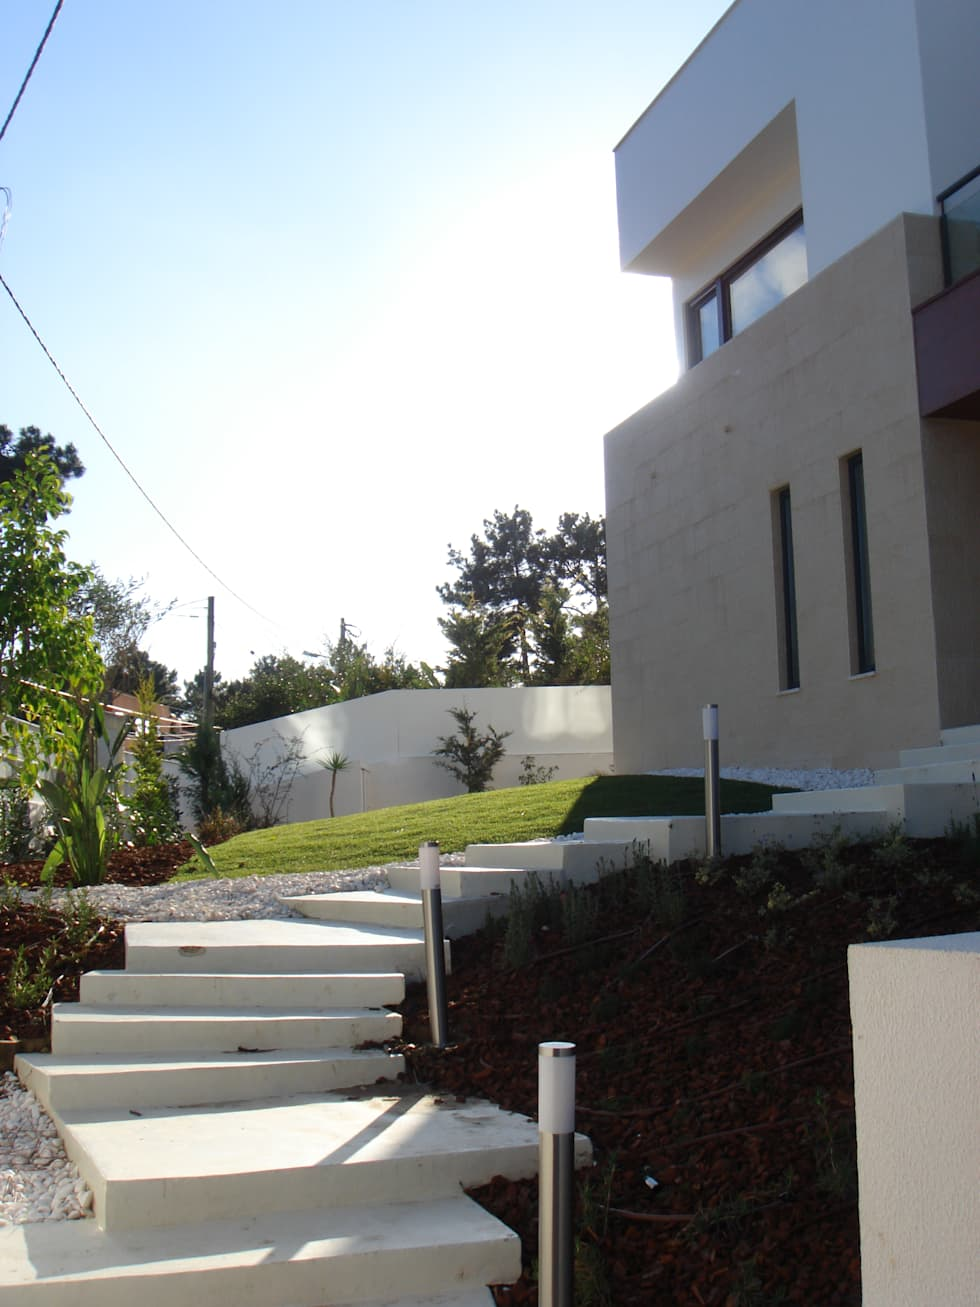 House Gui and Gus - Verdizela: Casas modernas por ASPMM, Arquitectos